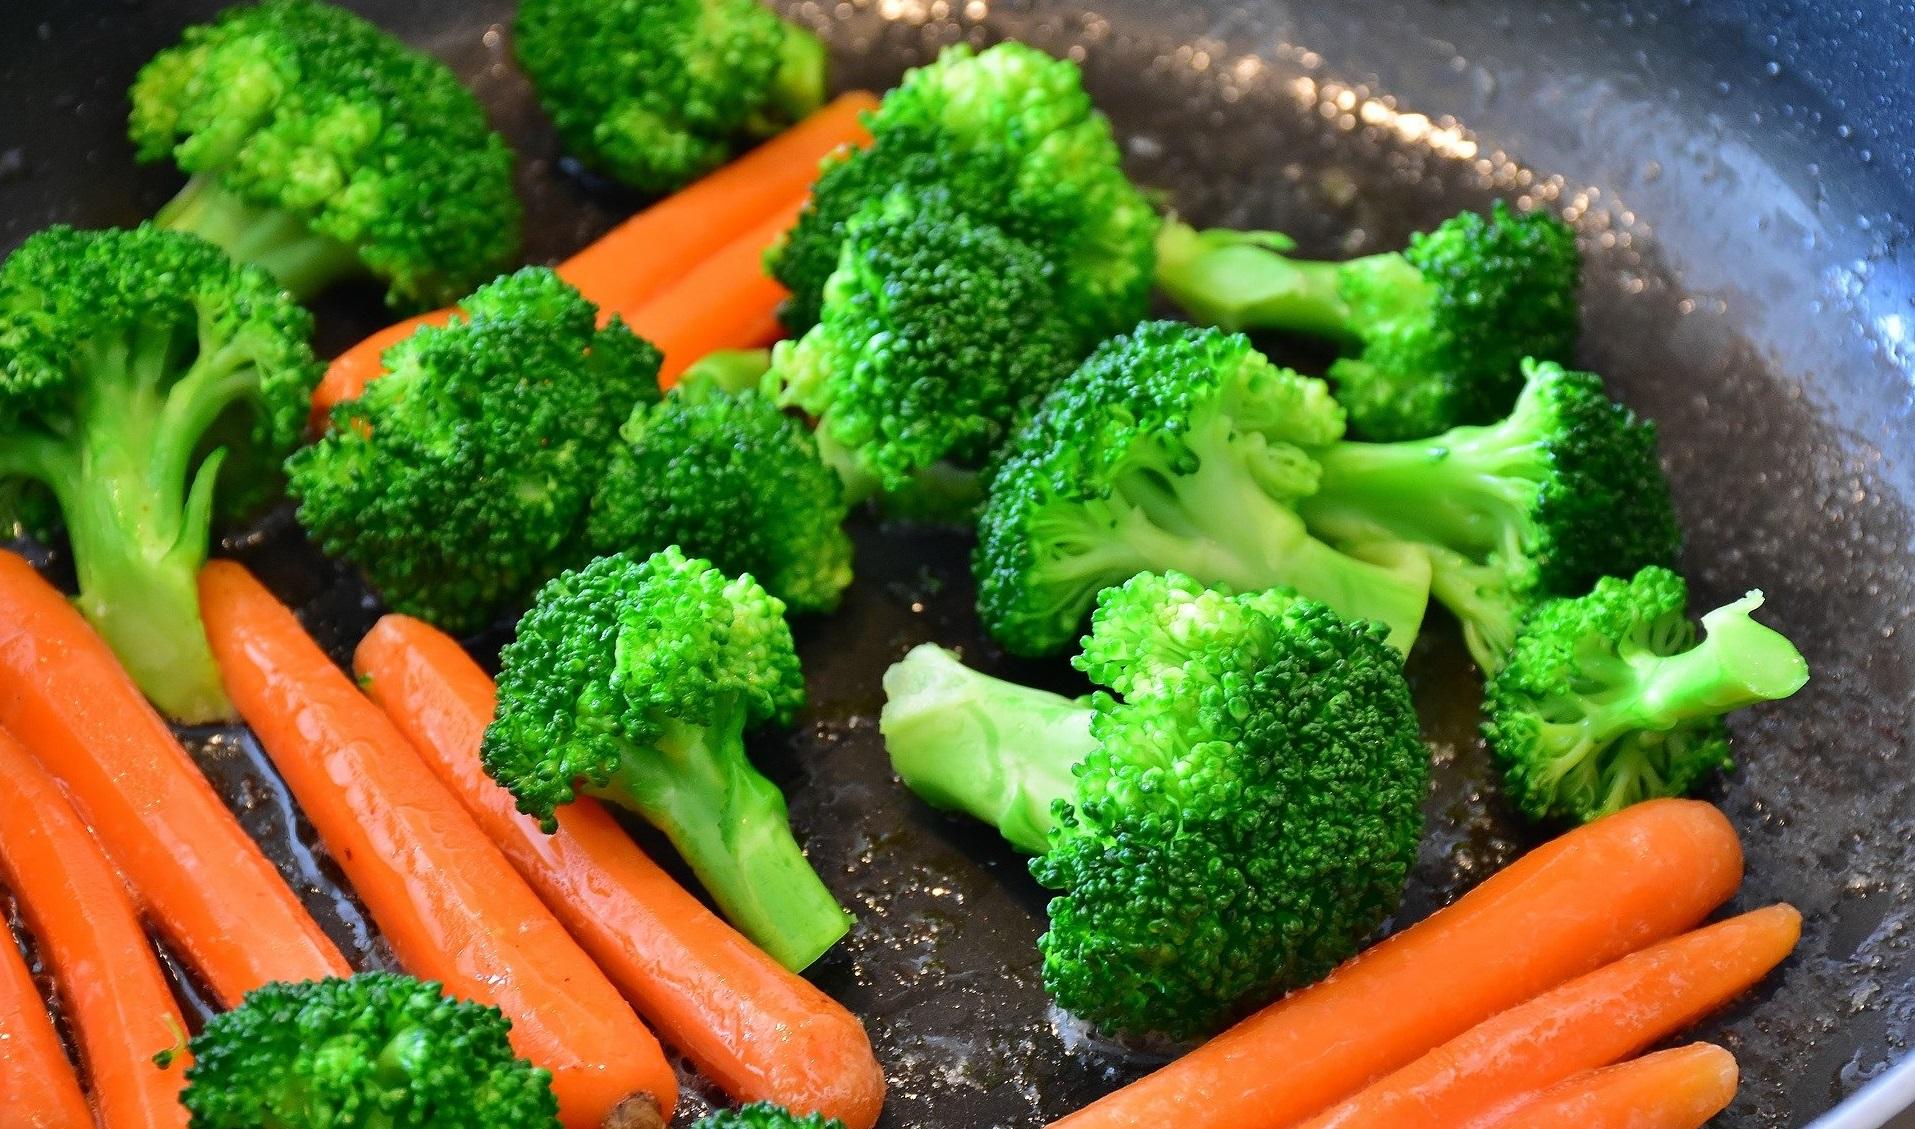 Trendi: Vegetarijanstvo postaja izbira večine